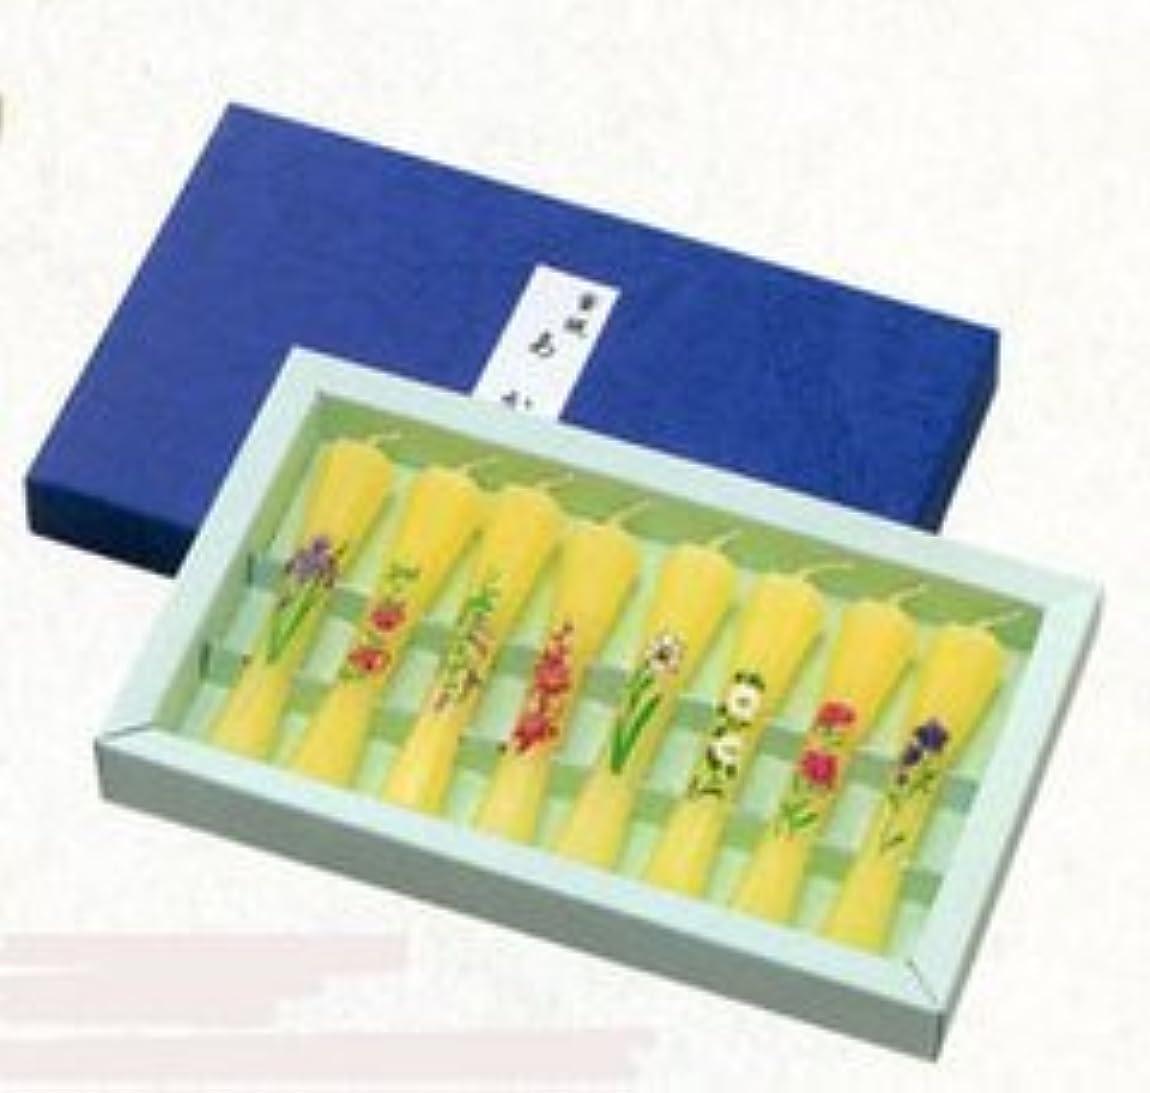 インスタンス協力的オート鮮やかな花の絵ローソク8本 蜜蝋(みつろー) 茜 絵ローソク